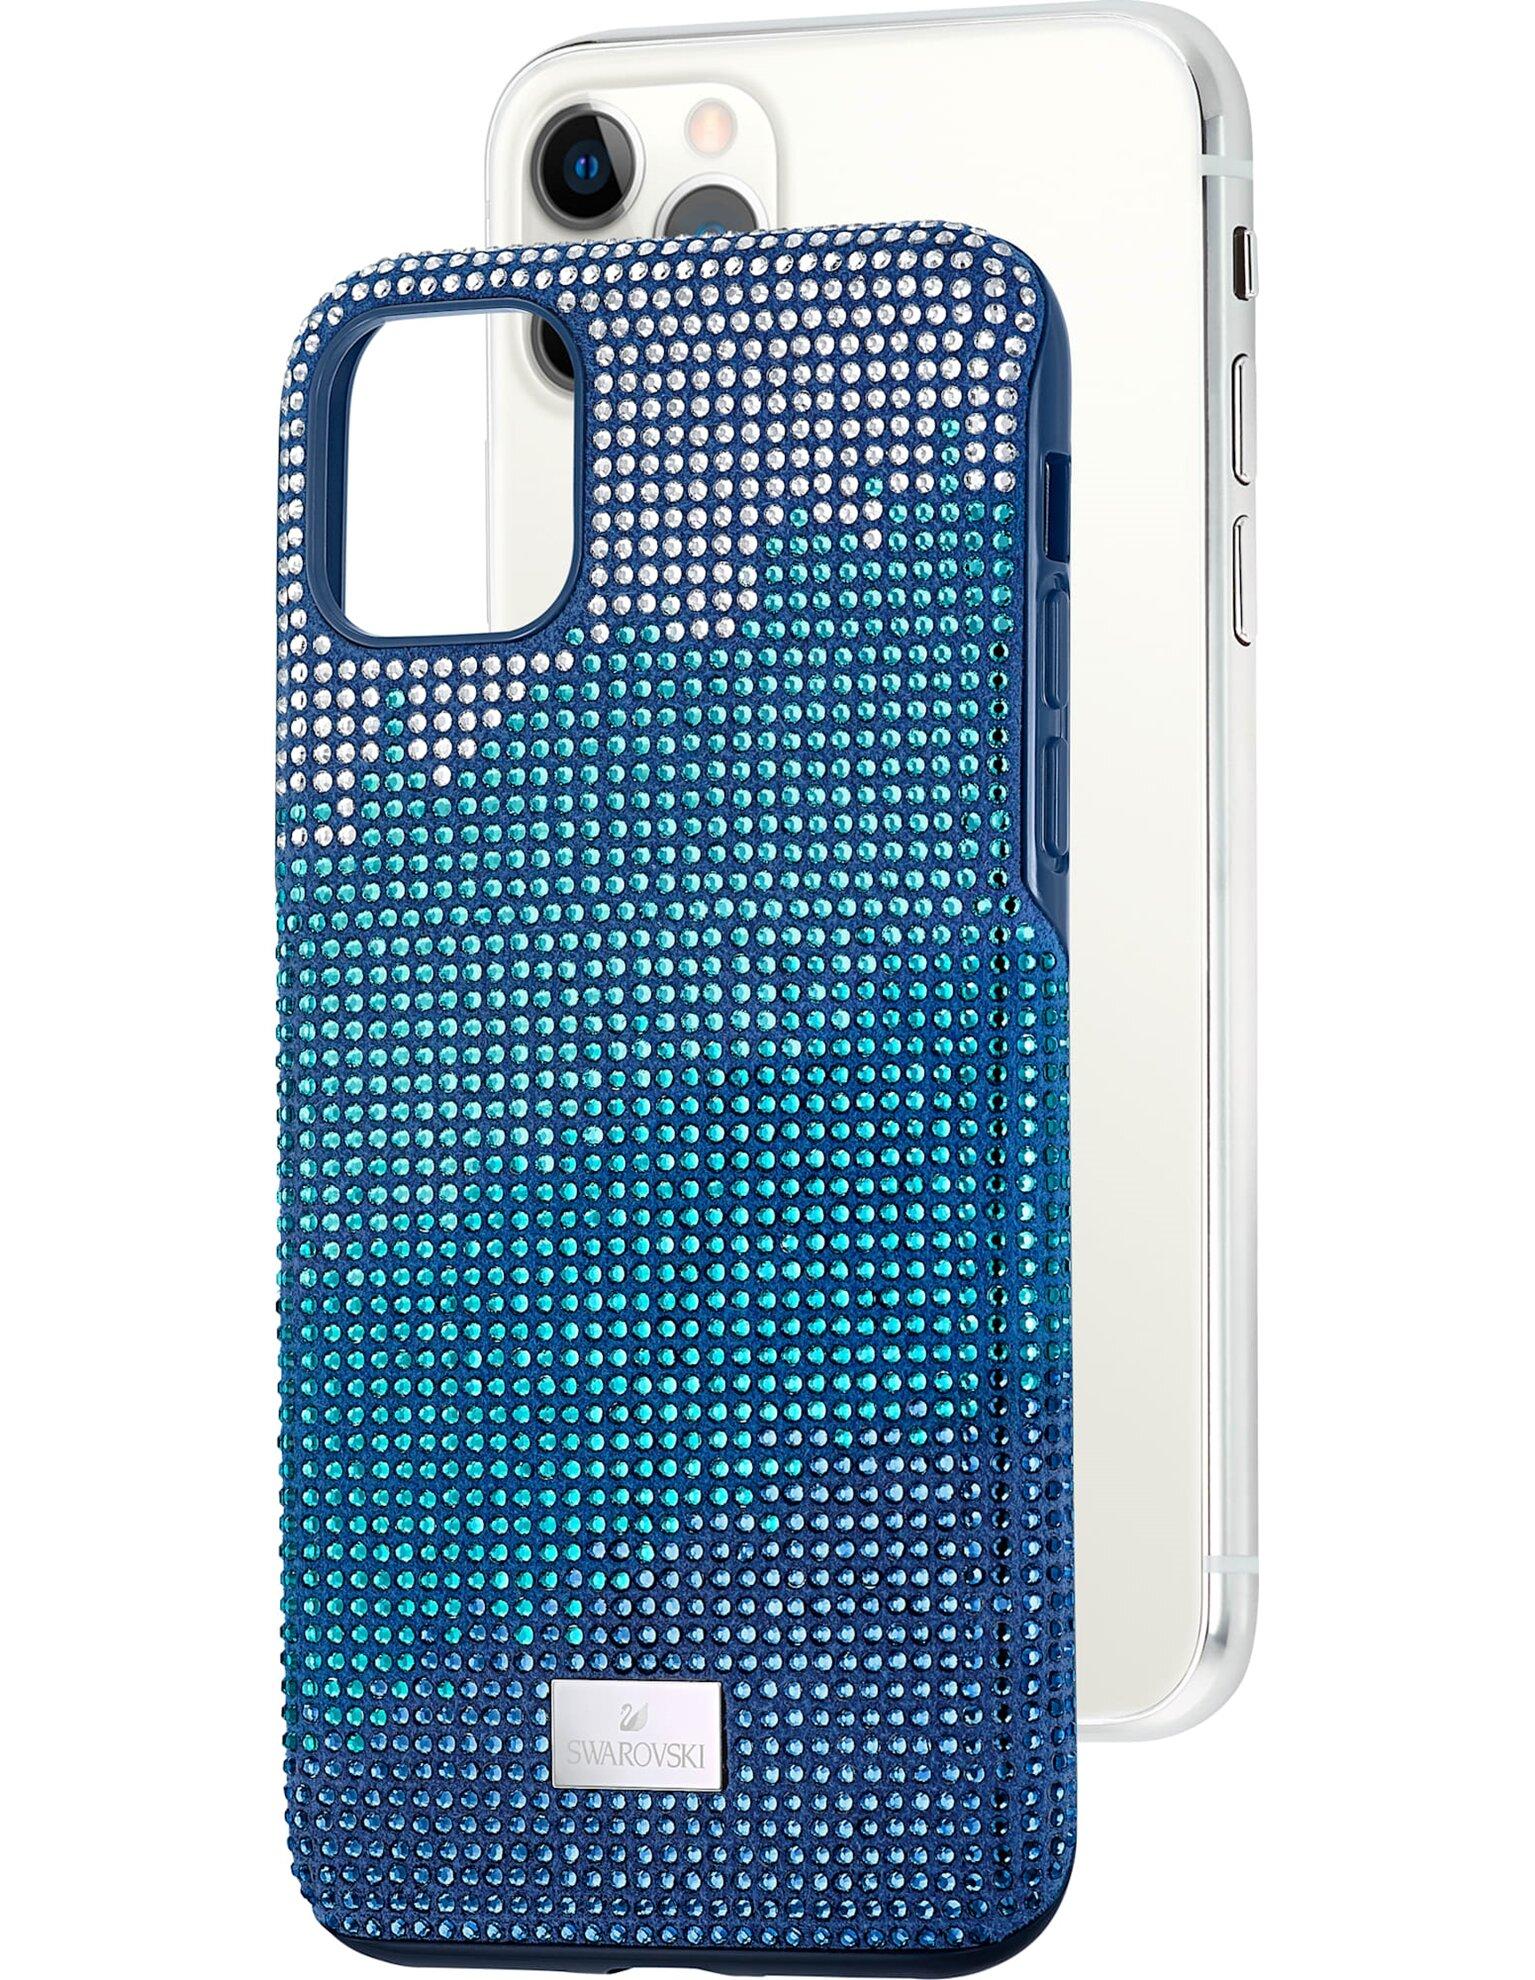 Picture of Crystalgram Koruyuculu Akıllı Telefon Kılıf, iPhone® 11 Pro Max, Mavi